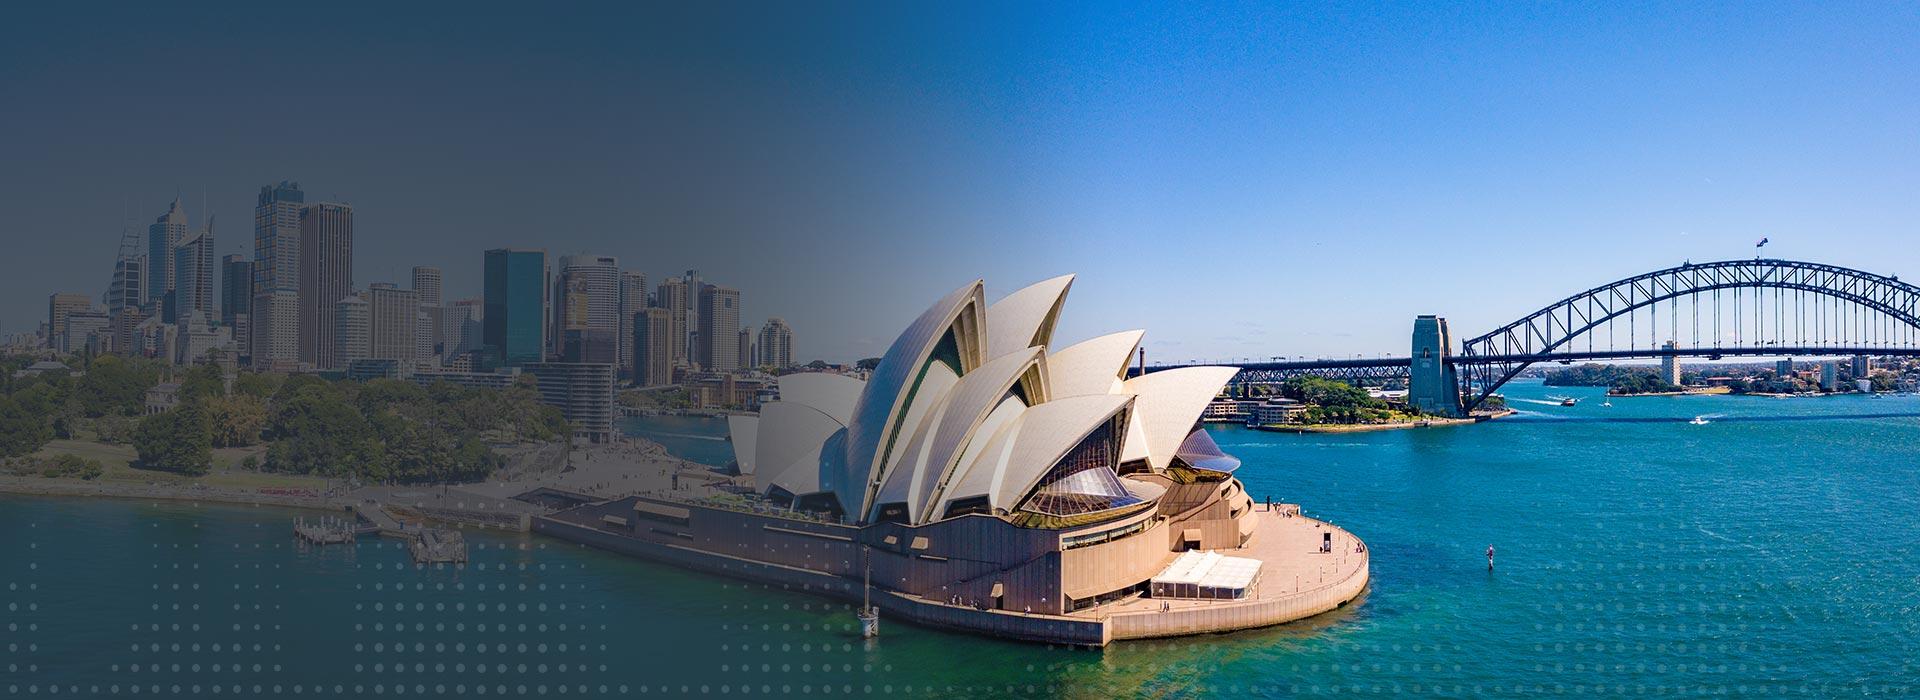 migration-to-australia